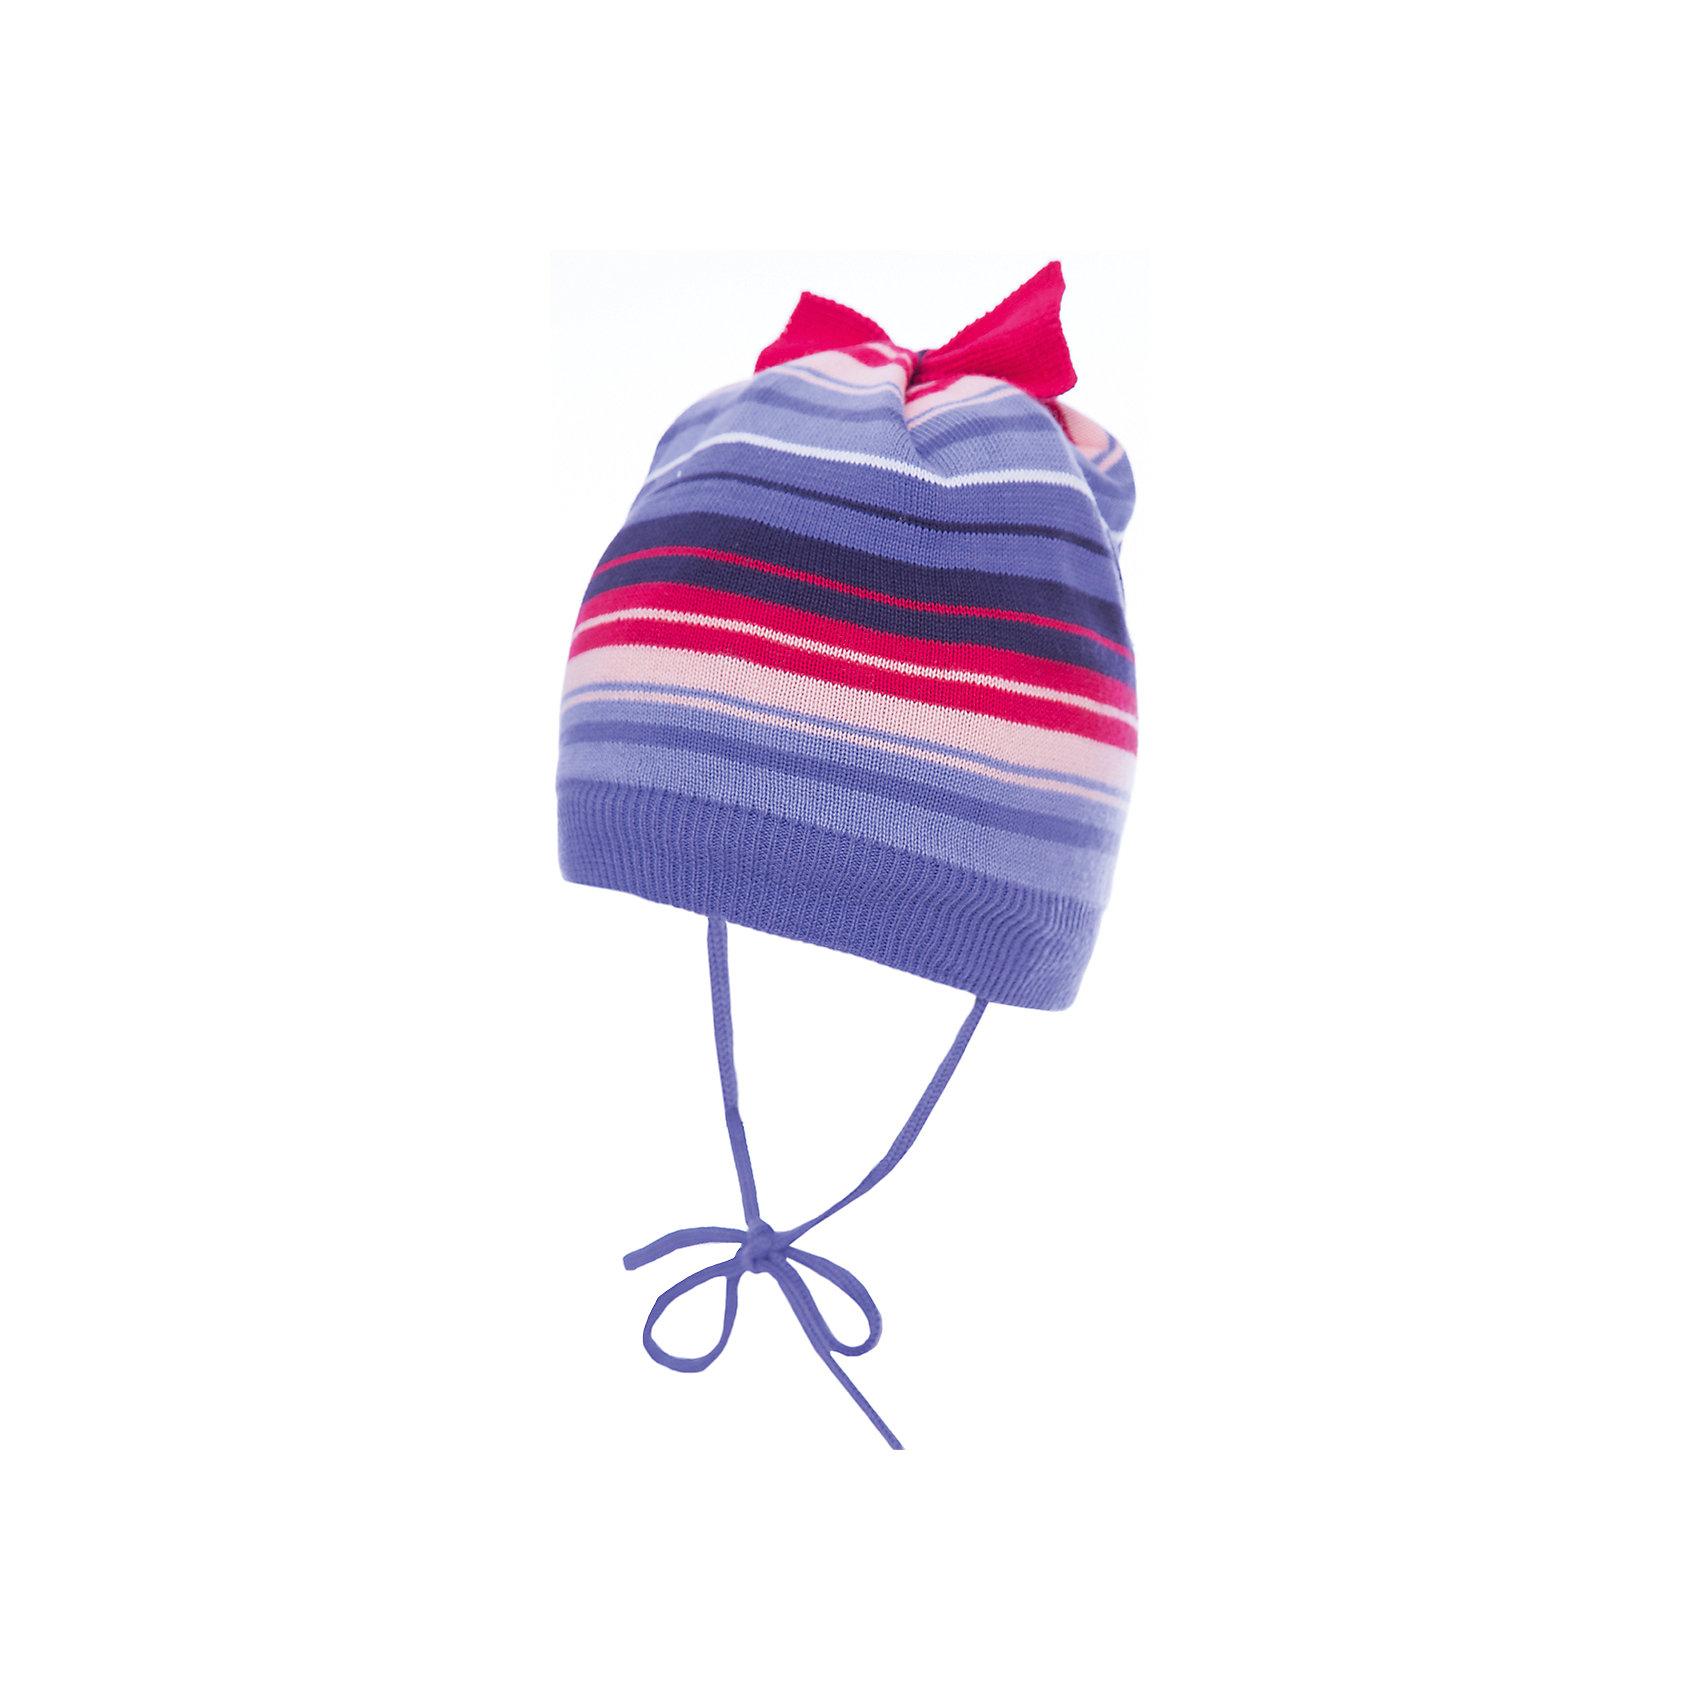 Шапка PlayToday для девочкиДемисезонные<br>Шапка PlayToday для девочки<br>Шапка из трикотажа на подкладке - отличное решение для холодной погоды. Модель на завязках, дополнена оригинальным бантом. Подкладка изделия из теплого флиса. Модель выполнена в технике yarn dyed- в процессе производства используются разного цвета нити. При рекомендуемом уходе изделие не линяет и надолго остается в первоначальном виде.<br>Состав:<br>80% хлопок 20% акрил<br><br>Ширина мм: 89<br>Глубина мм: 117<br>Высота мм: 44<br>Вес г: 155<br>Цвет: белый<br>Возраст от месяцев: 12<br>Возраст до месяцев: 18<br>Пол: Женский<br>Возраст: Детский<br>Размер: 48,46<br>SKU: 7110241